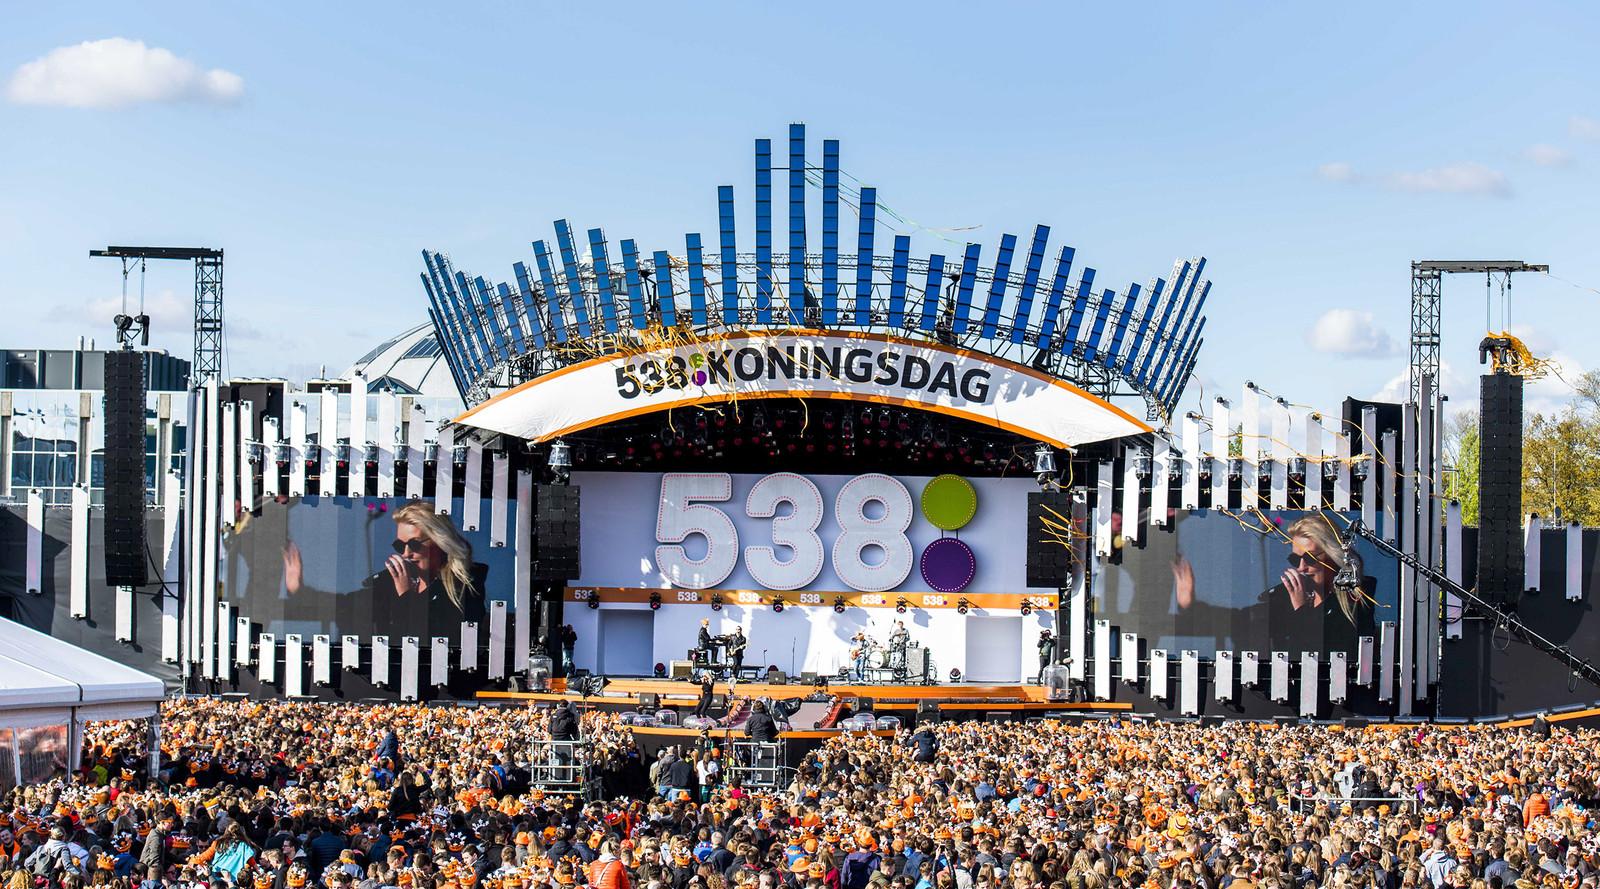 Publiek tijdens 538Koningsdag, een groot oranjefeest op het Chasseveld in Breda